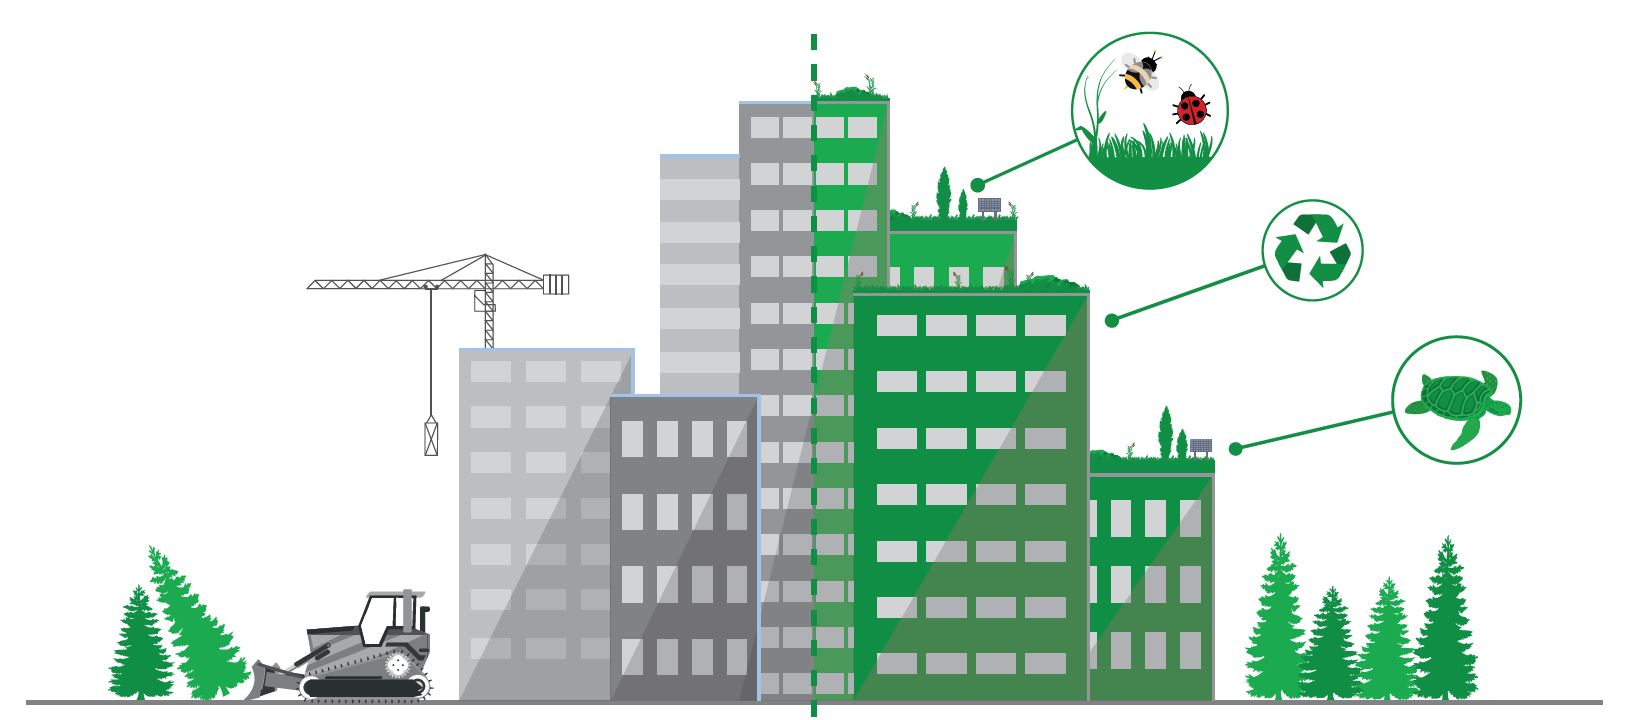 Grafik Stadt links unbegrünt rechts begrünt, Symbole für die Naturschutzwirkungen